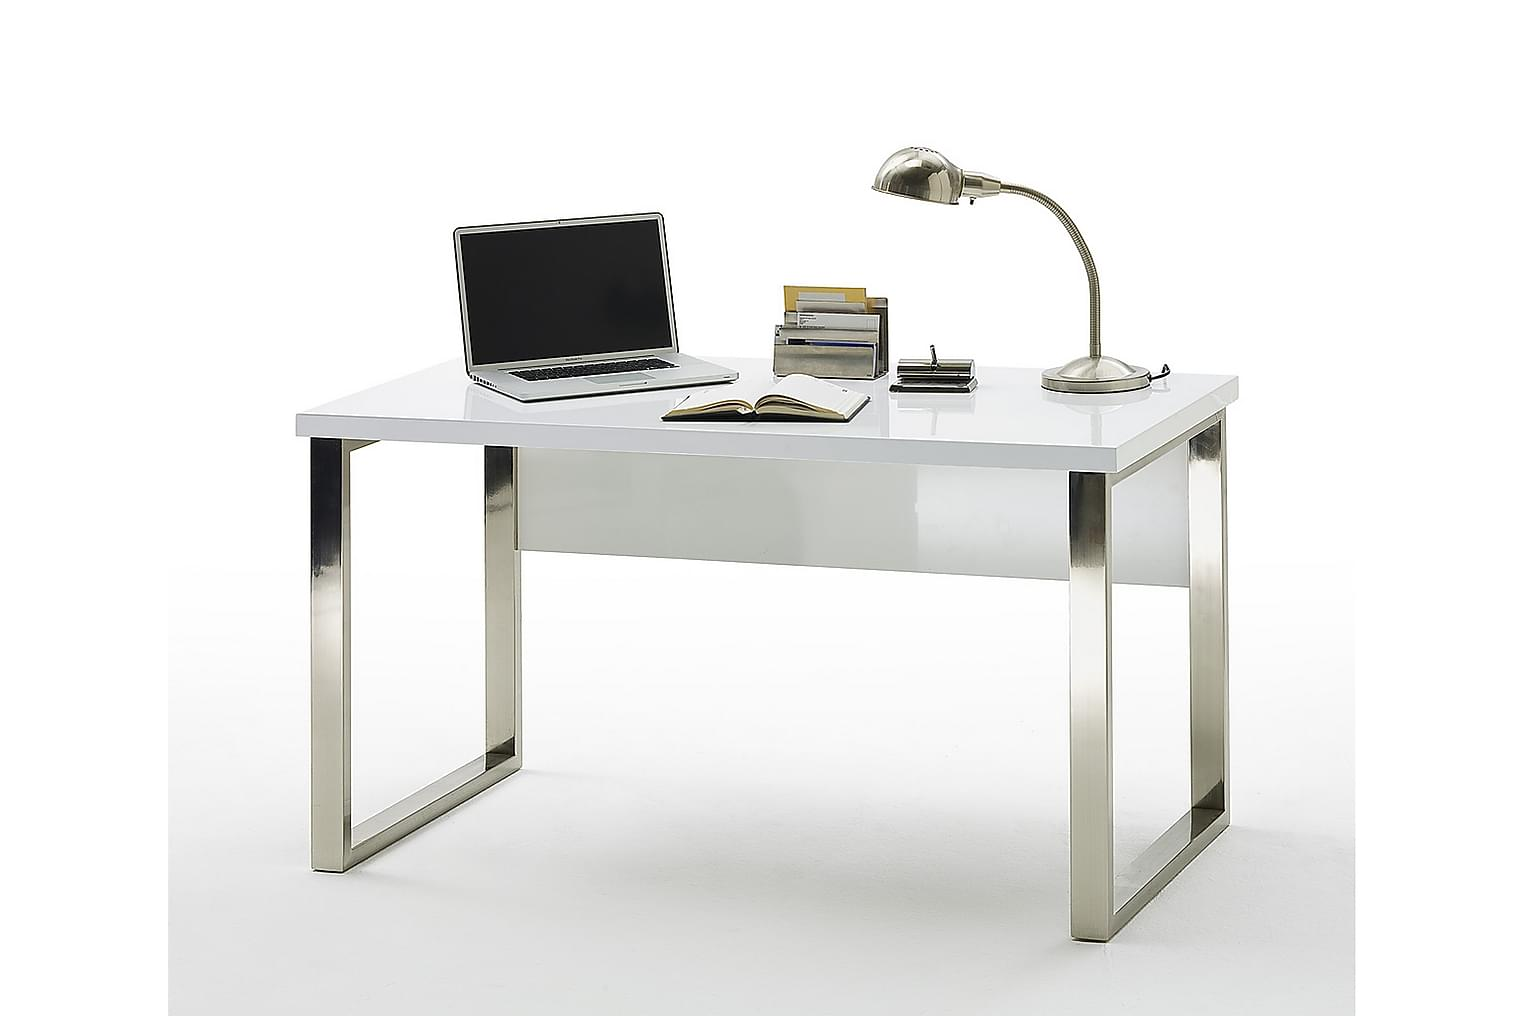 NERETO Kirjoituspöytä Valkoinen Korkeakiilto